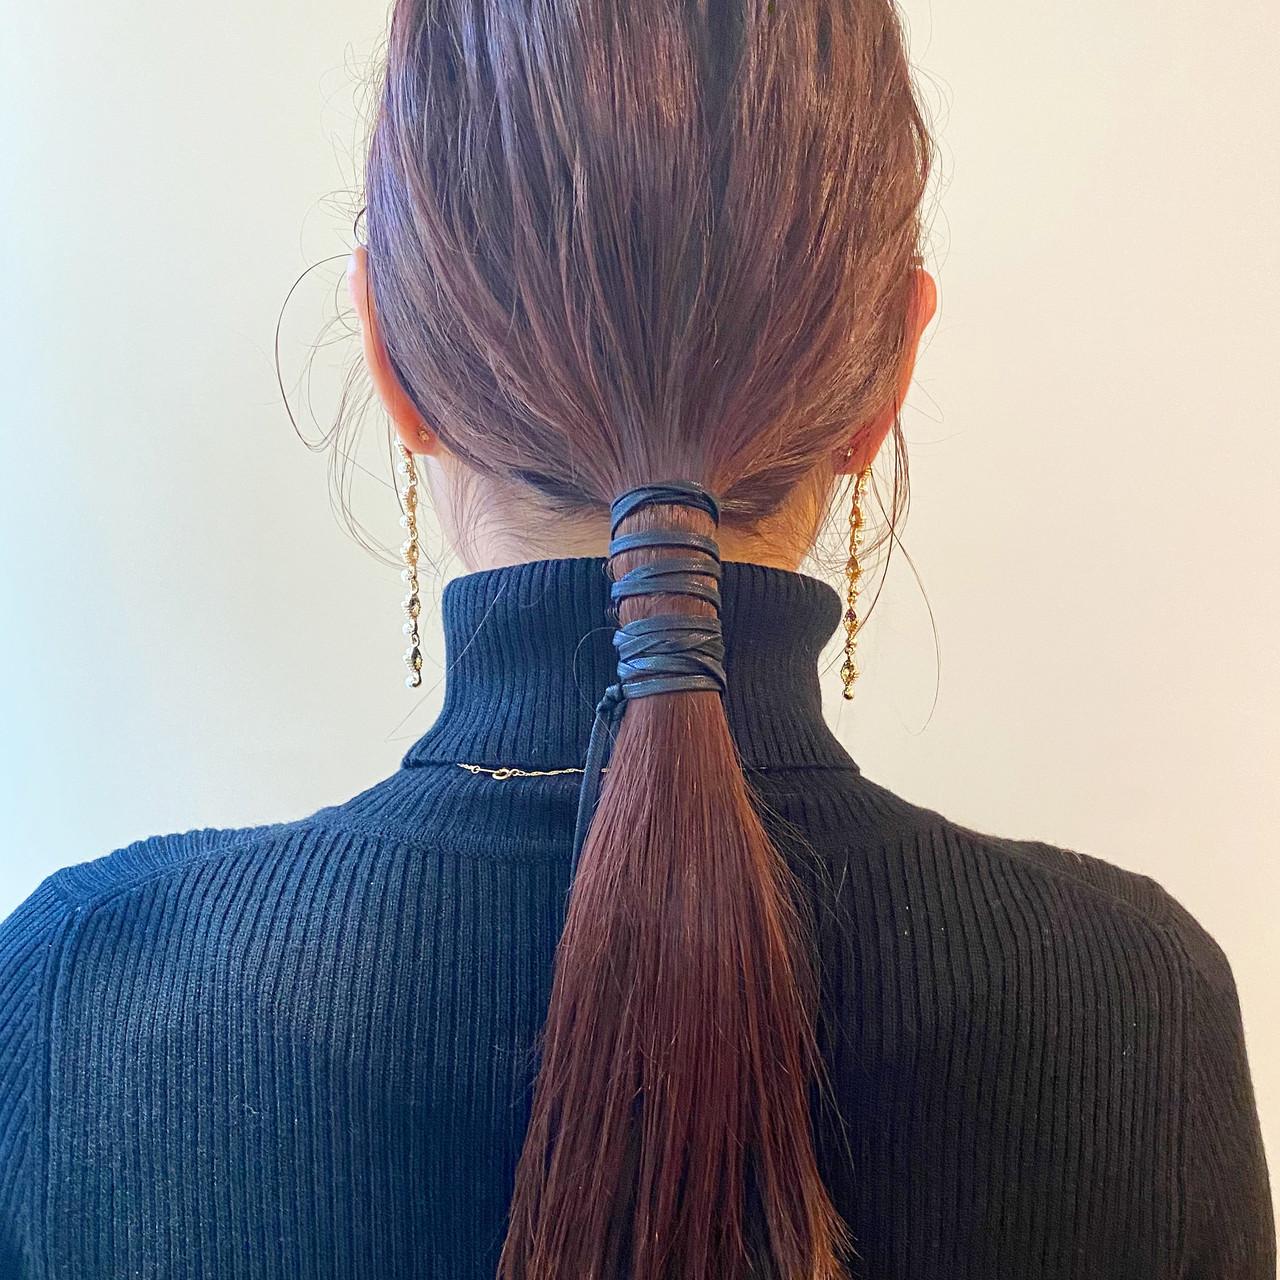 ポニーテールアレンジ ロング ヘアアレンジ セルフヘアアレンジ ヘアスタイルや髪型の写真・画像 | 添田美香 / ROVERSI